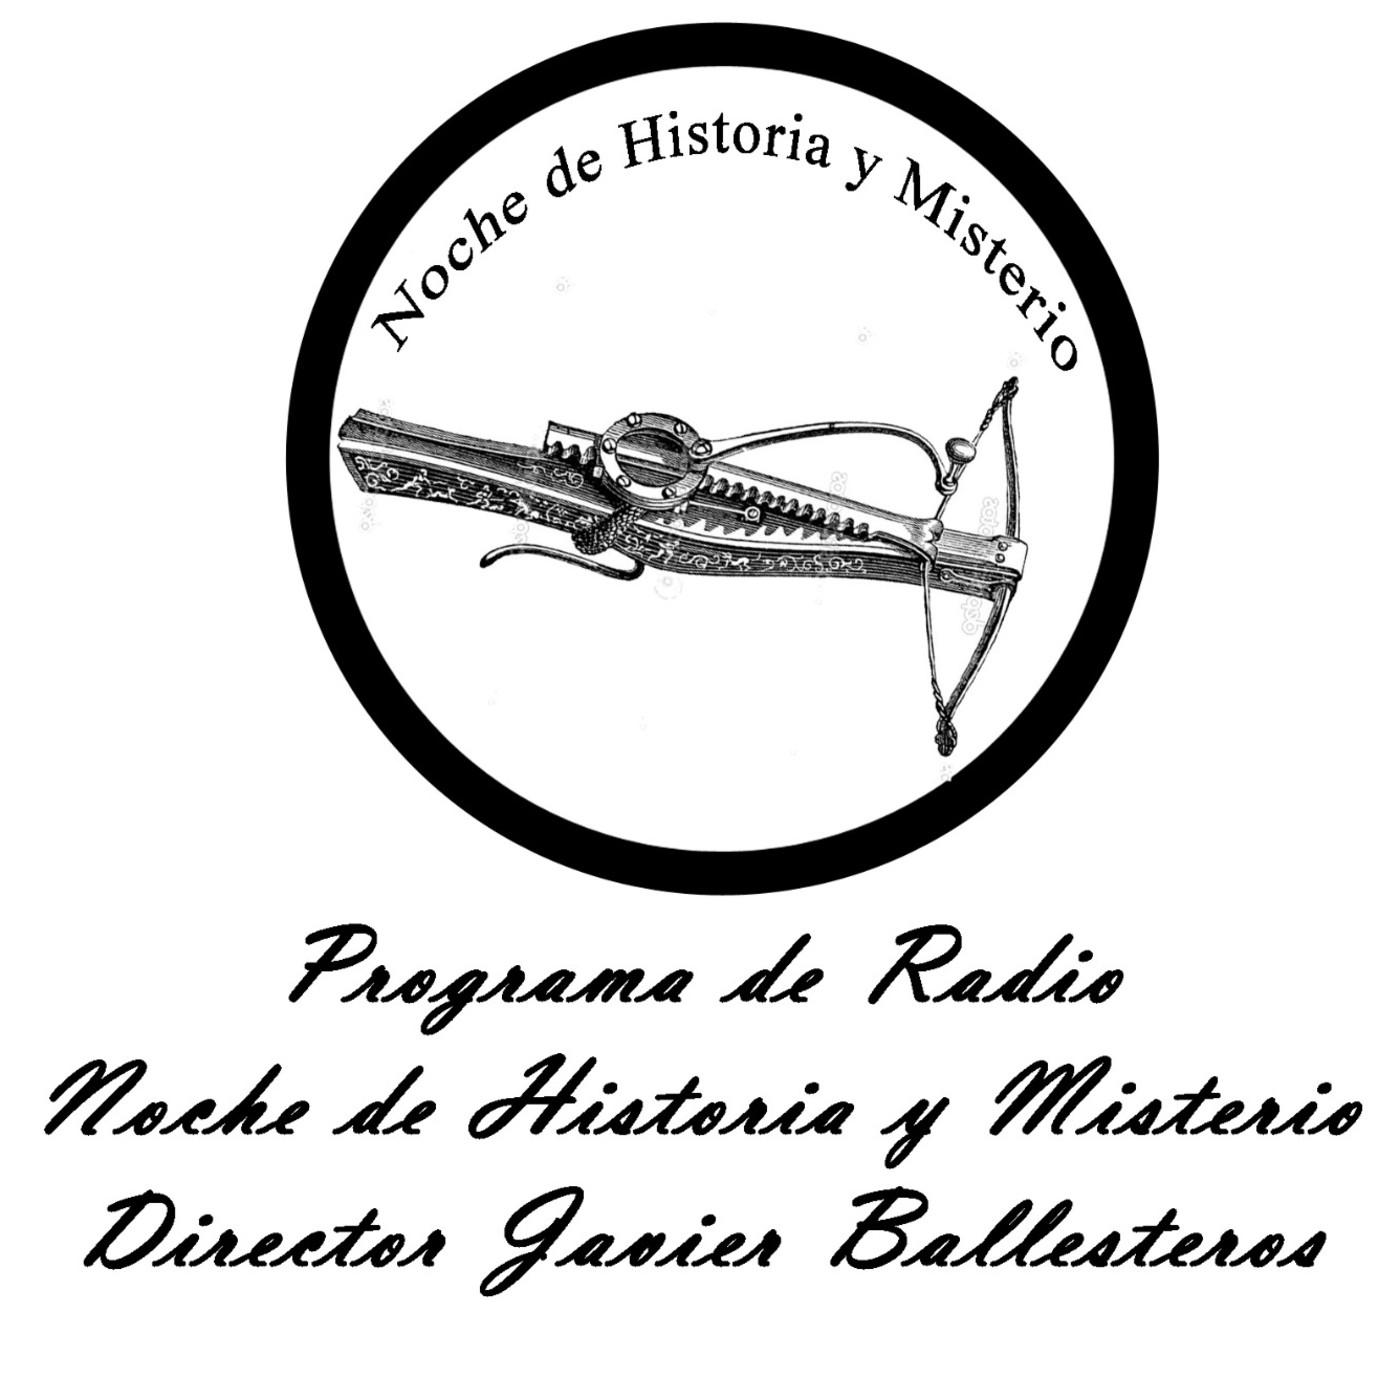 Noche de Historia y Misterio 7ª temp. Nº 228-4 Situaciones: Vida y Muerte Personajes Famosos